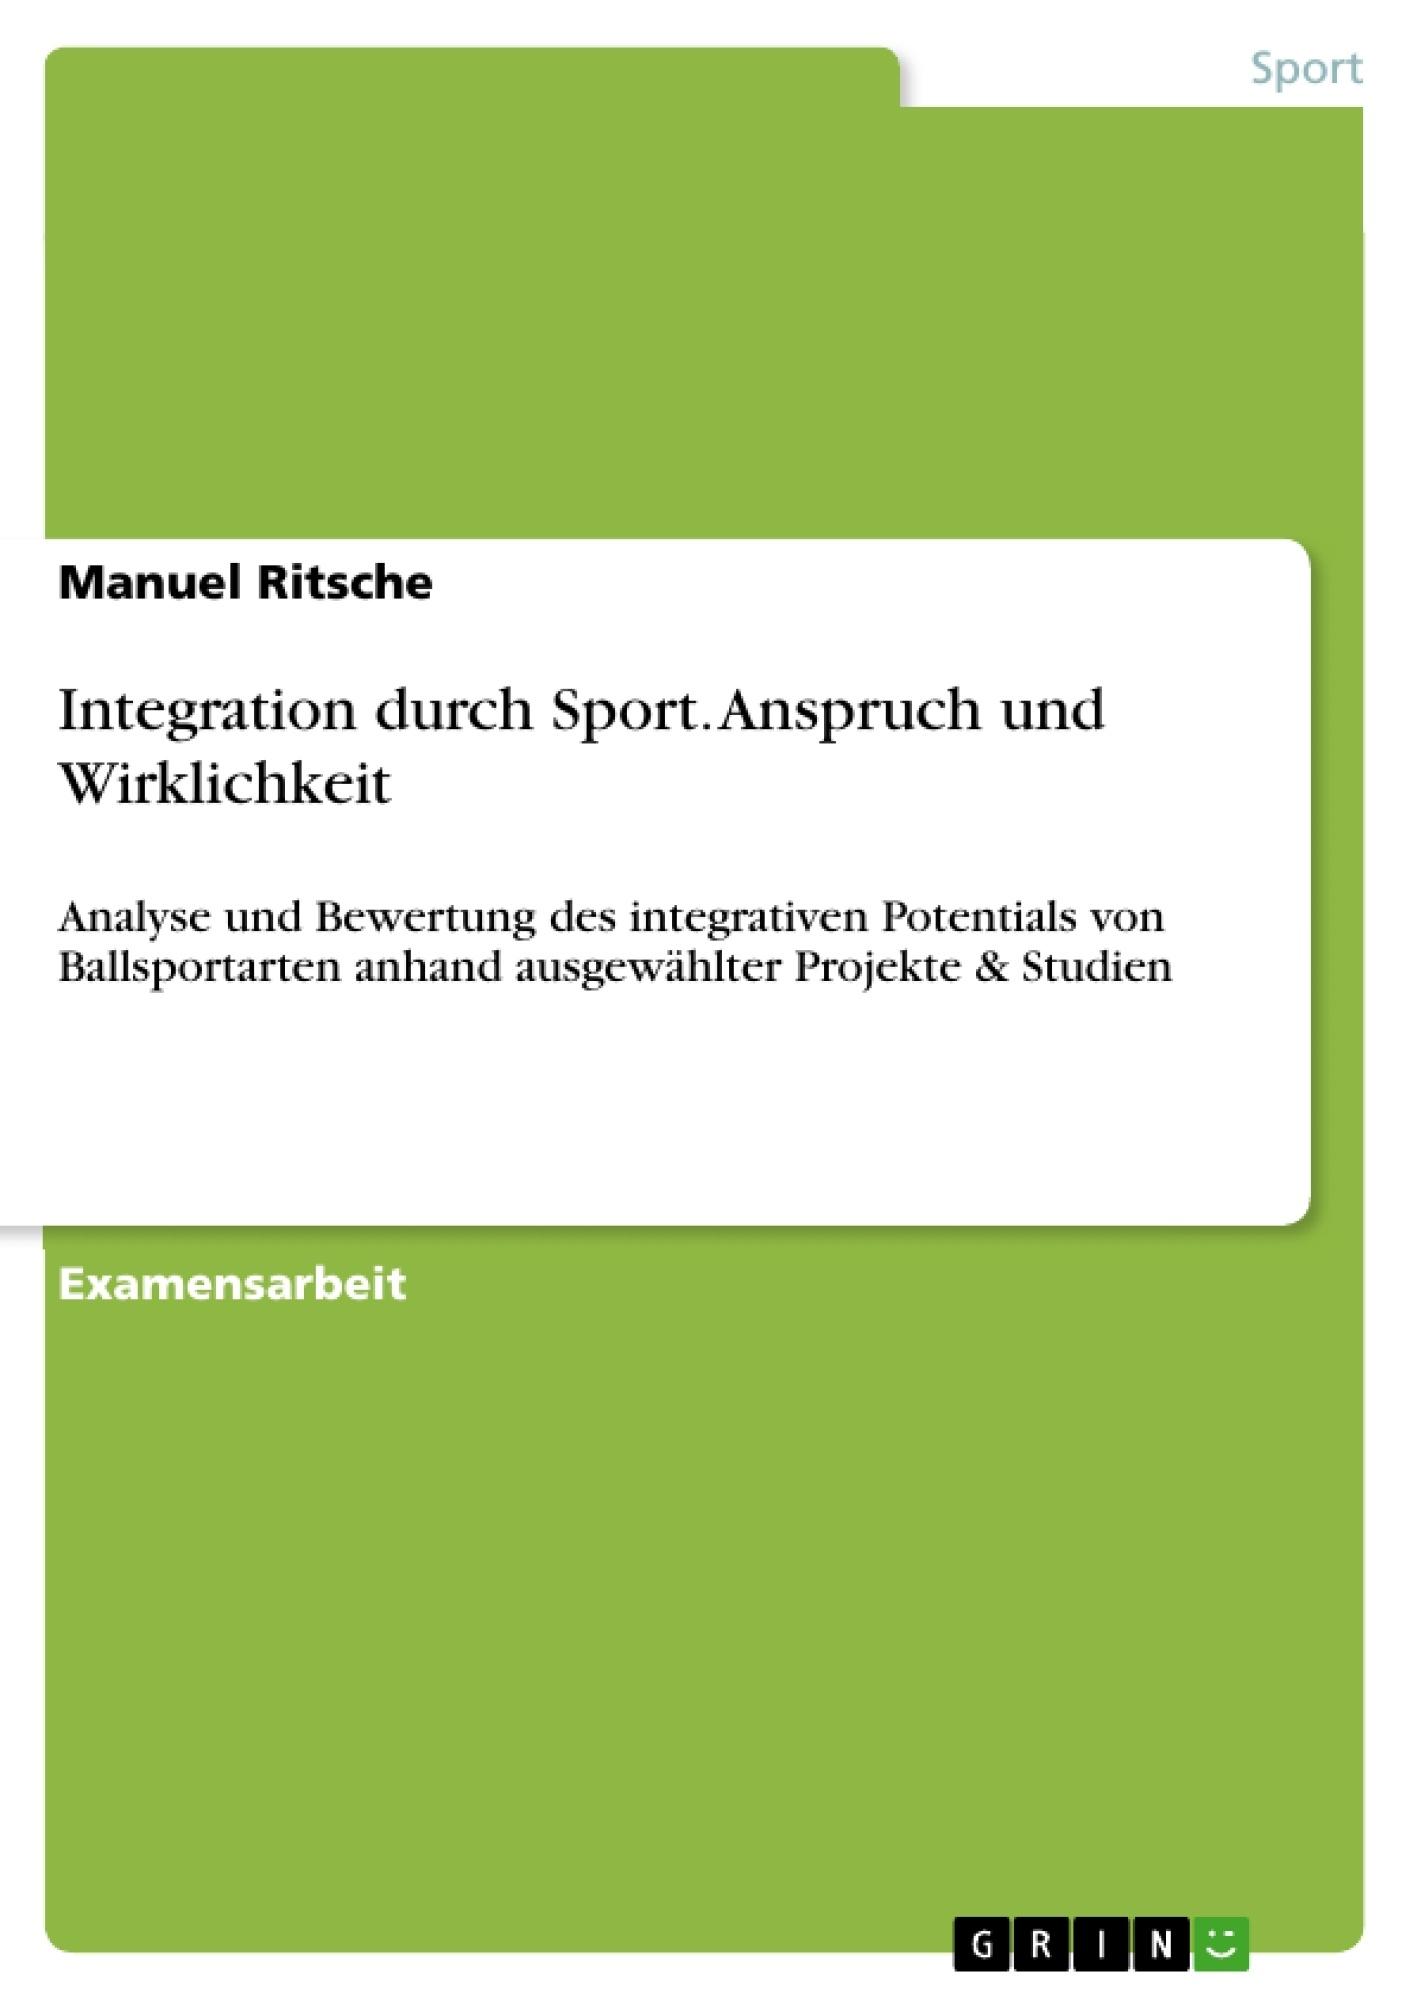 Titel: Integration durch Sport. Anspruch und Wirklichkeit